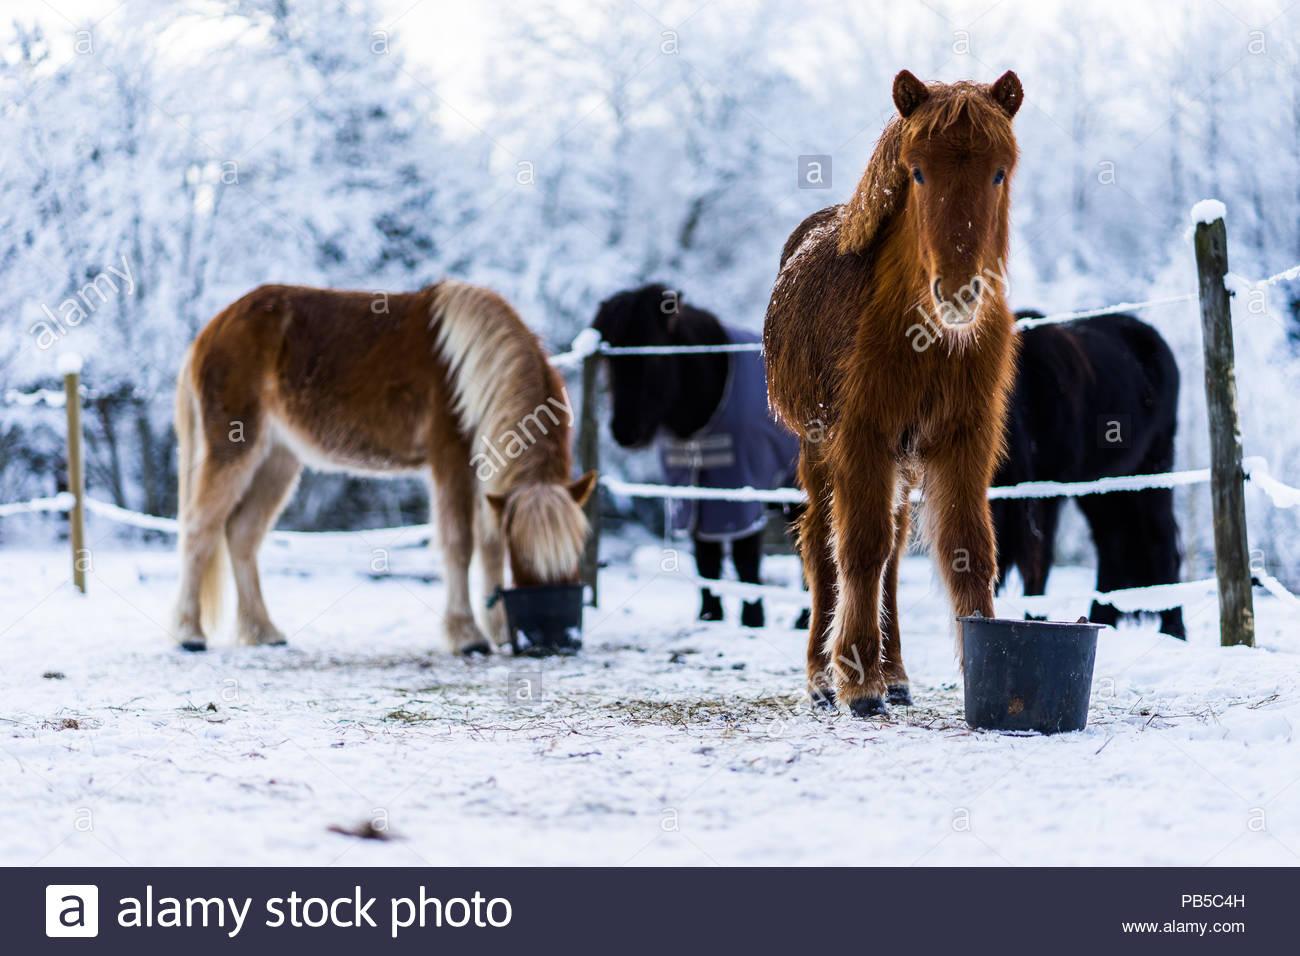 Icelandric pendant l hiver froid de glace Banque D Images, Photo ... c23d38a7680